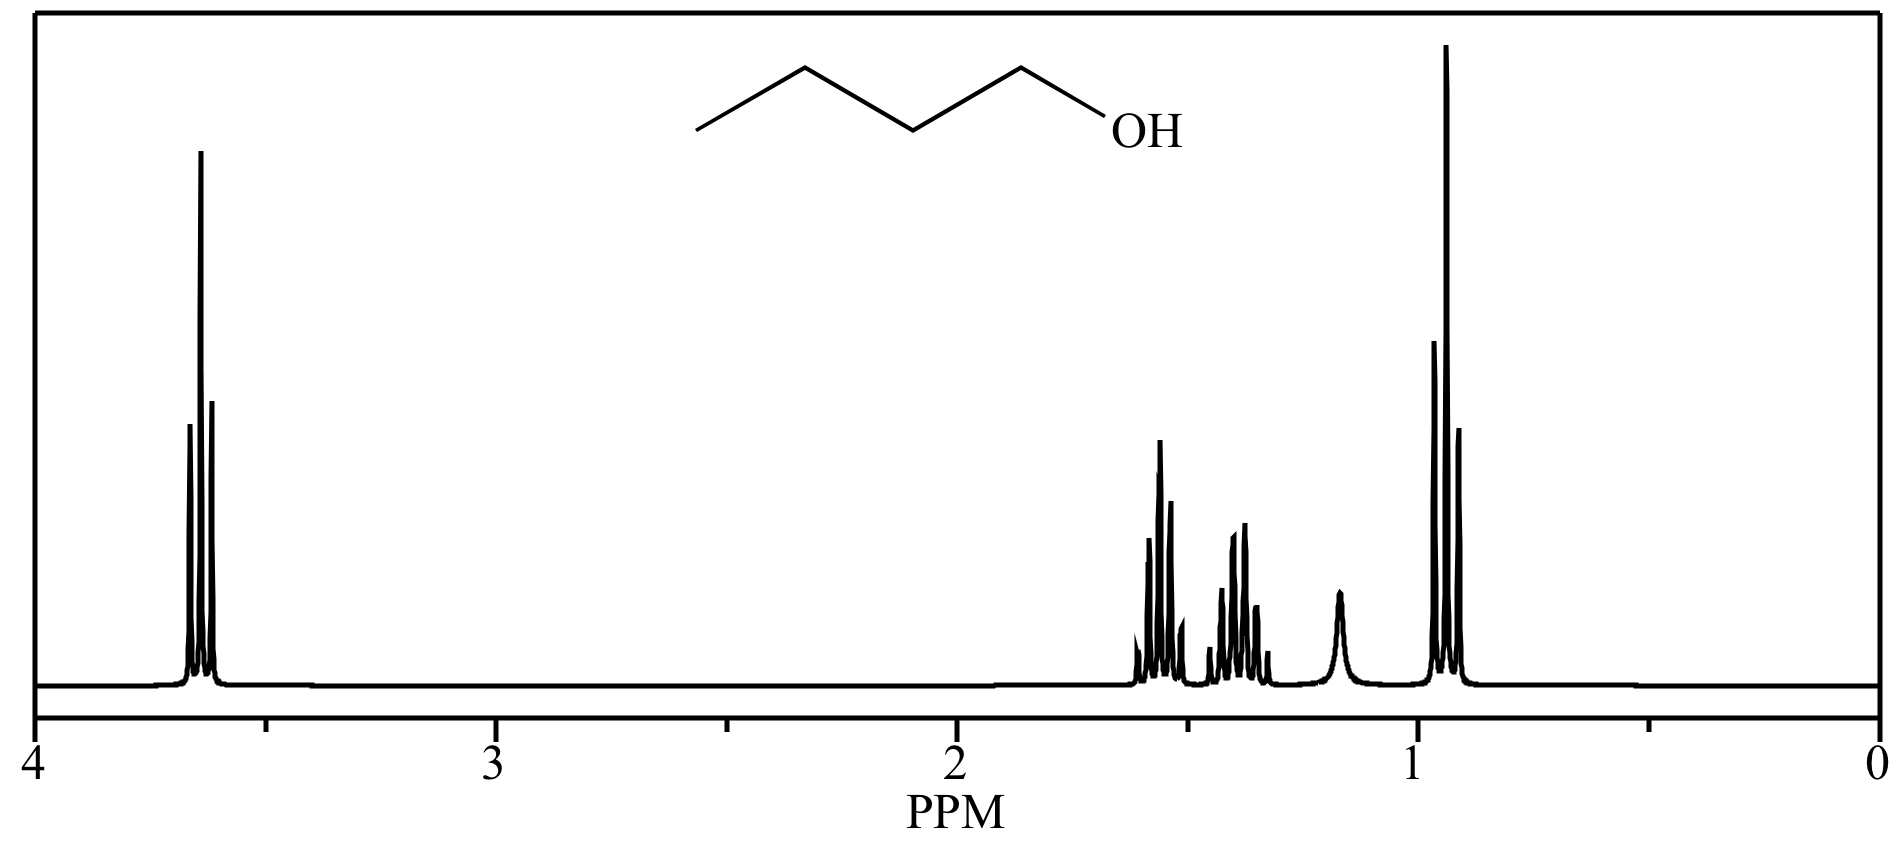 Nmr Butanol Proton